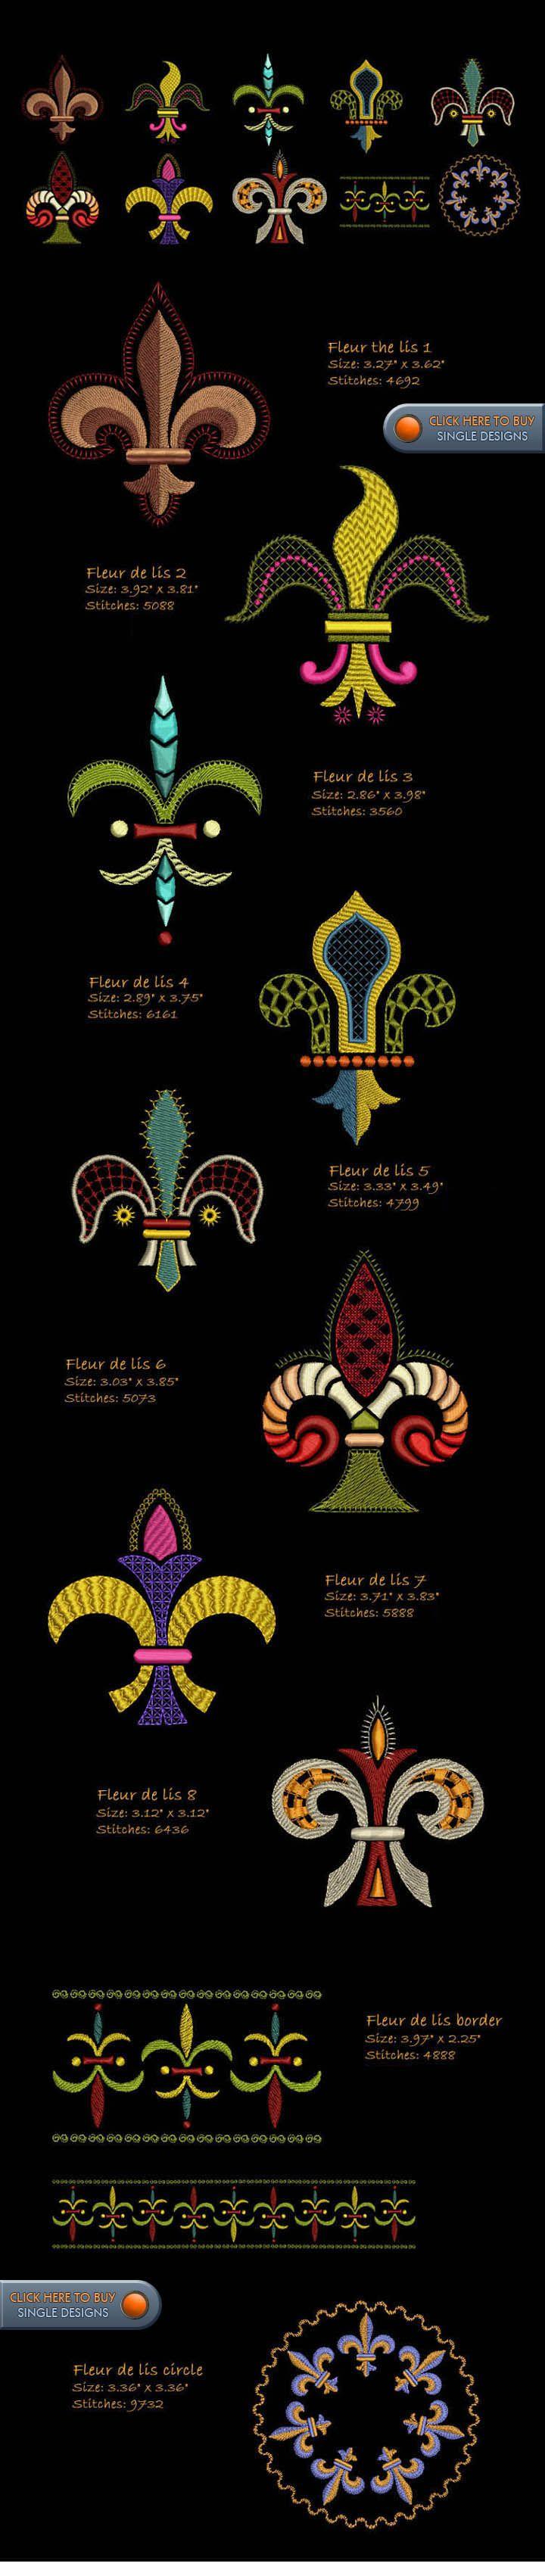 FLEUR DE LIS Embroidery Designs Free Embroidery Design Patterns Applique